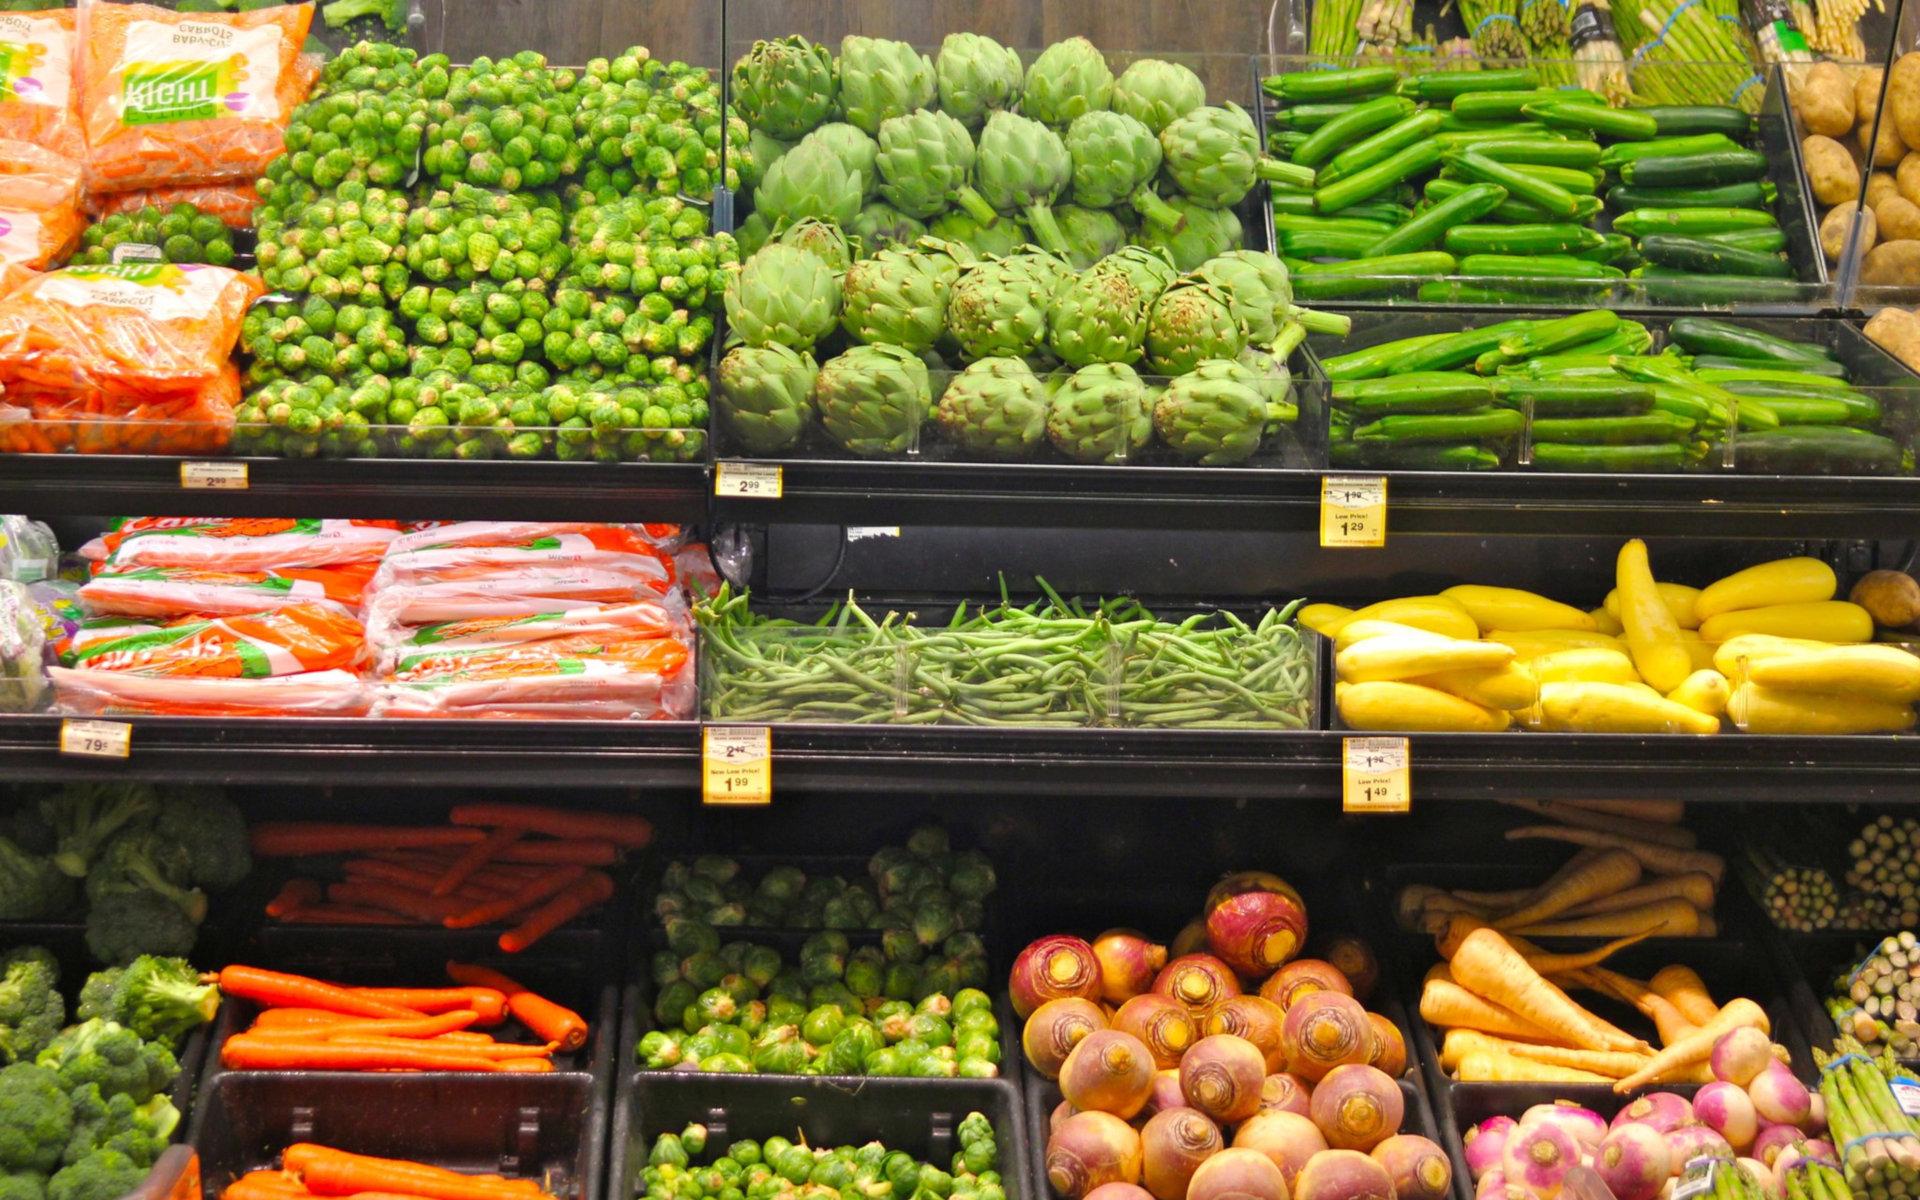 Vegetables On A Shop Shelf